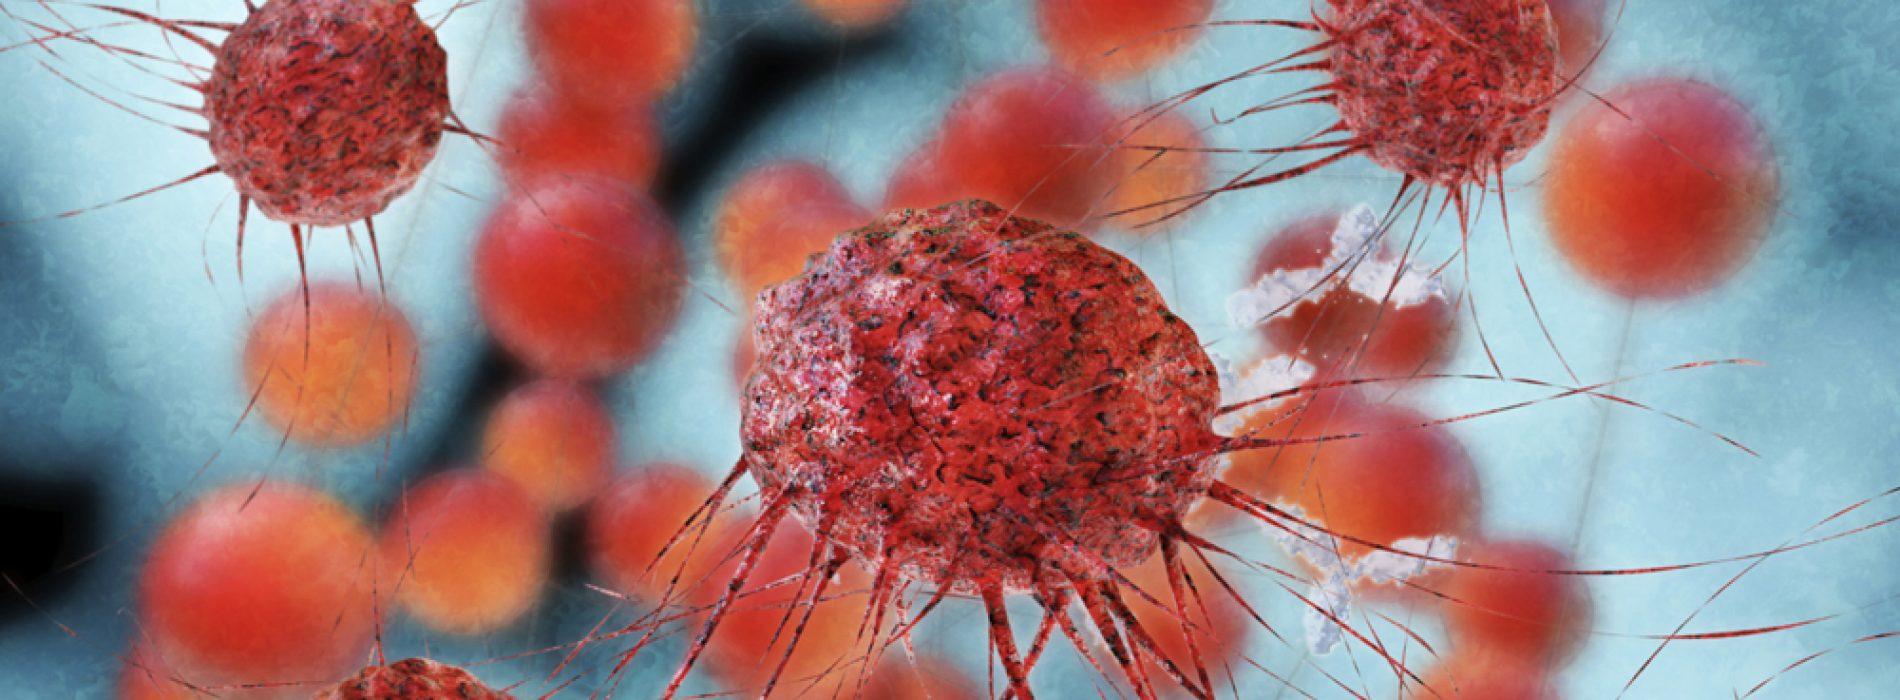 34 Medische Studies die bewijzen: Cannabis Geneest Kanker